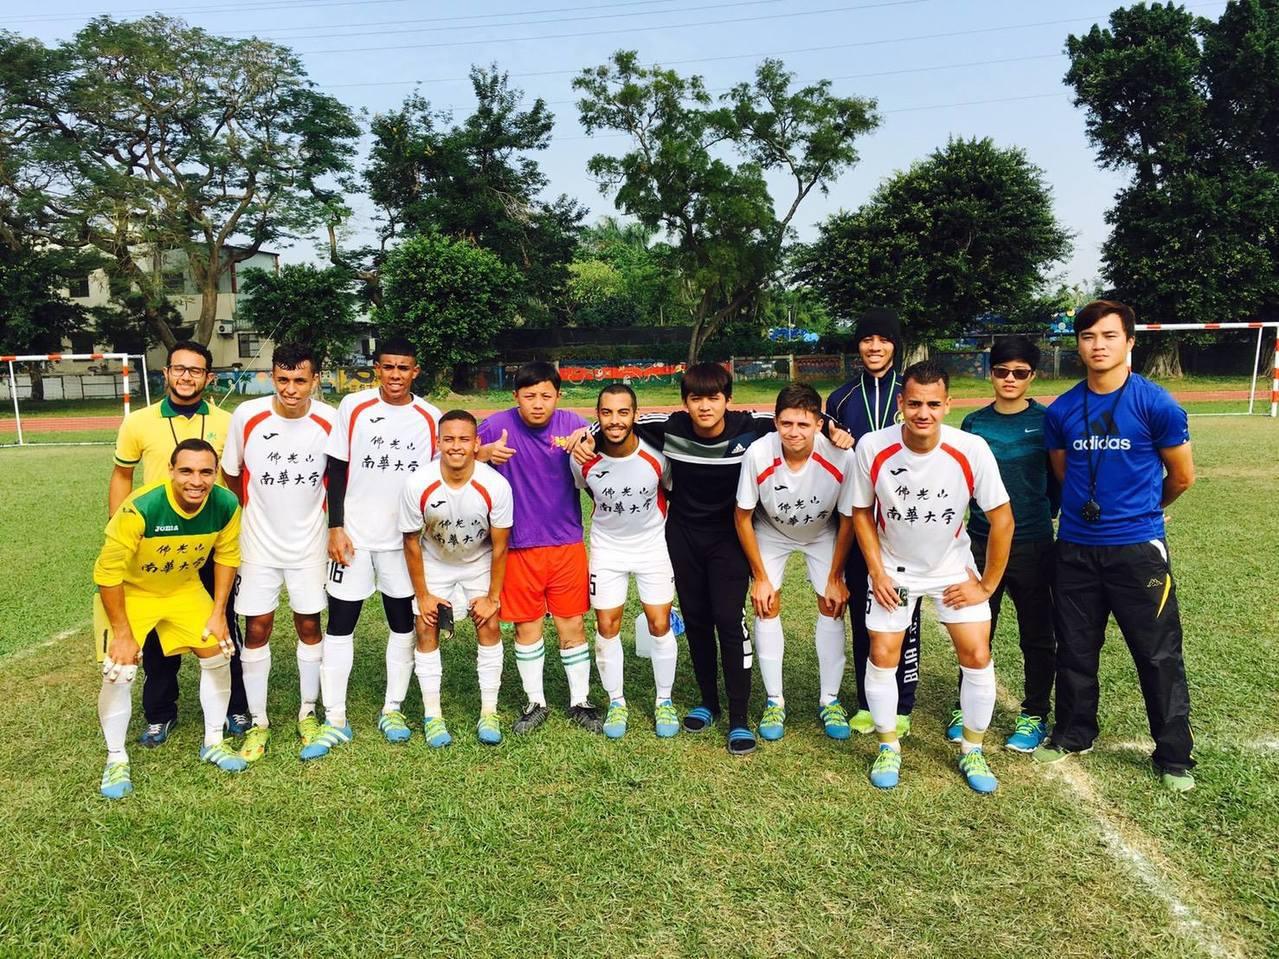 圖為南華大學足球隊。 圖/取自南華大學體育中心暨運動與健康促進學程